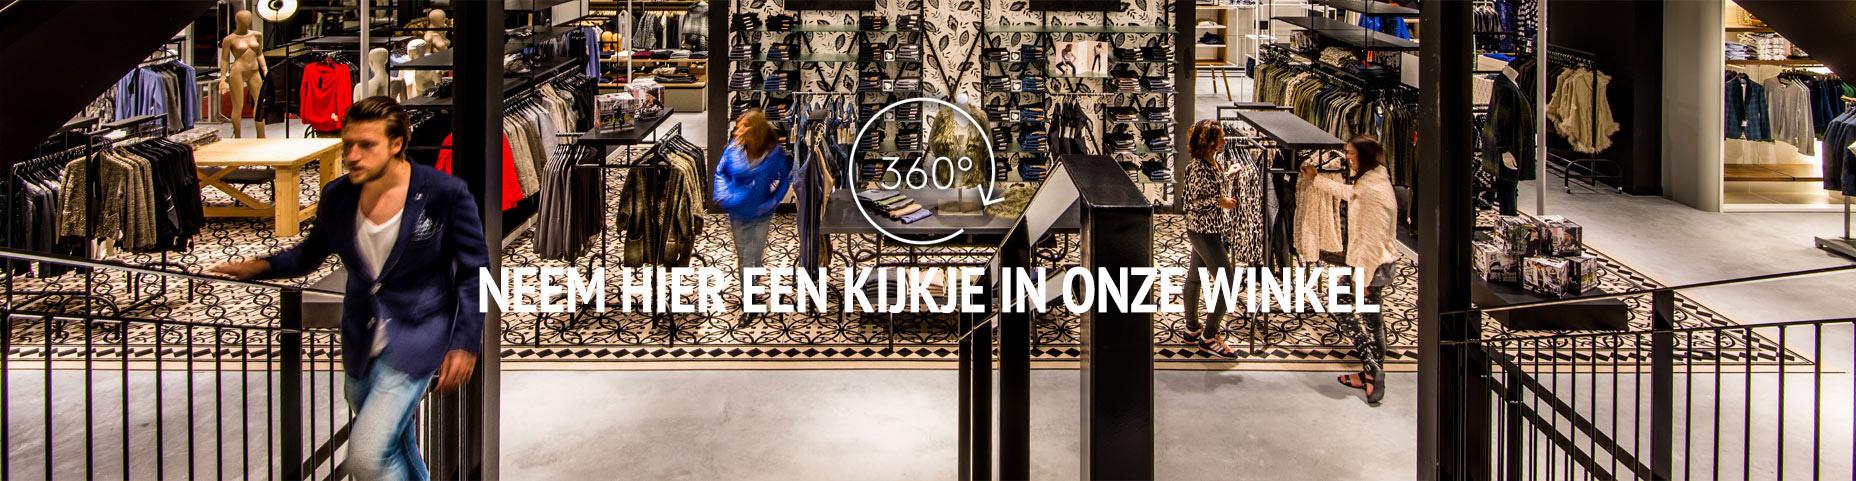 Zwijnenburg 360°